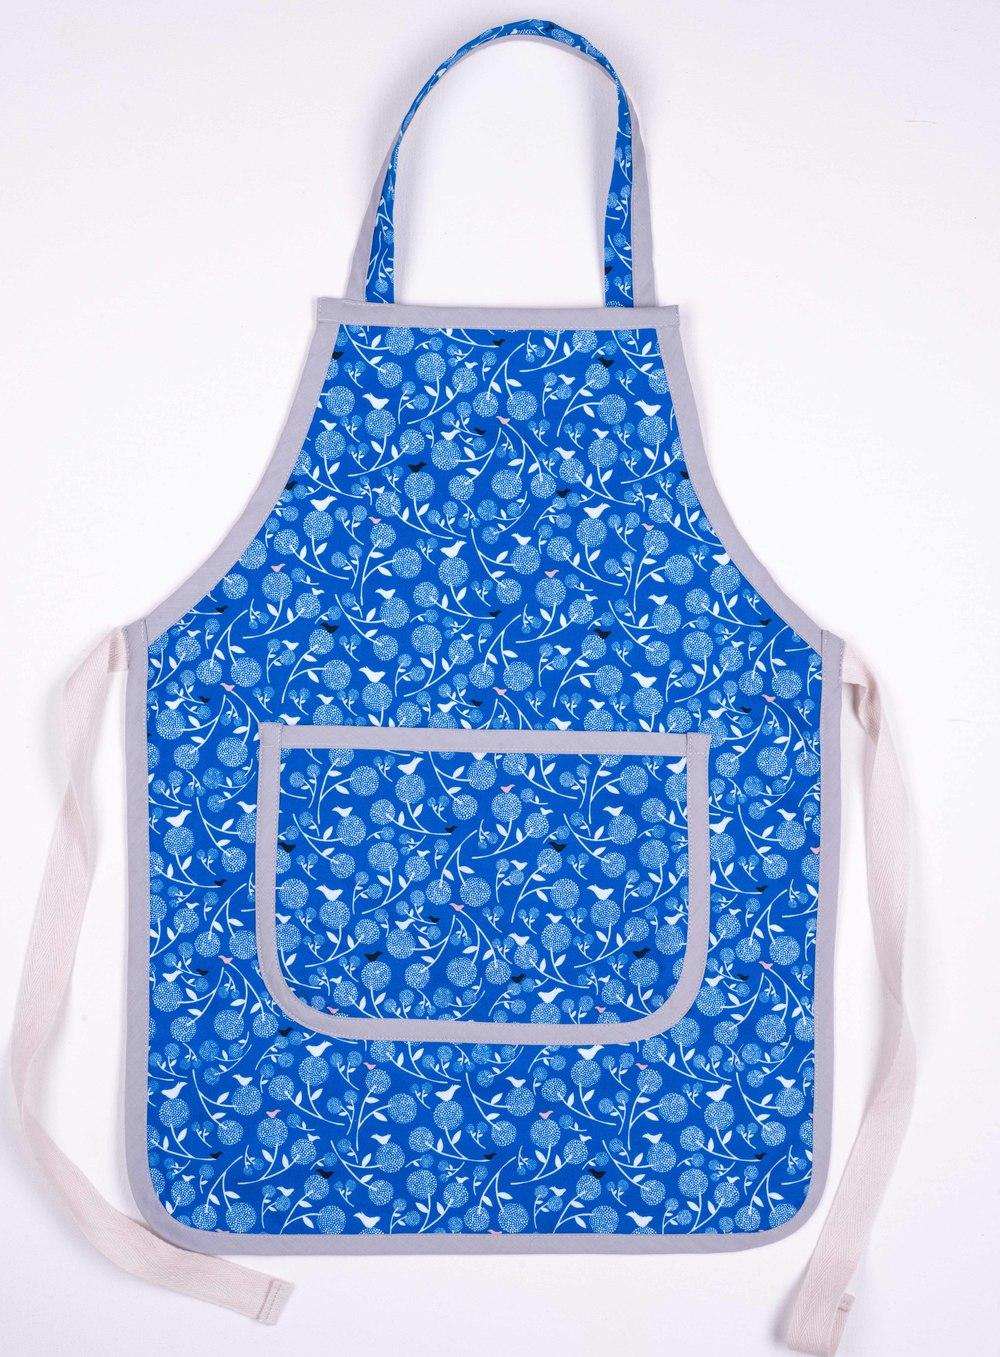 Skoo KidsKitchen Blue Floral Print Apron